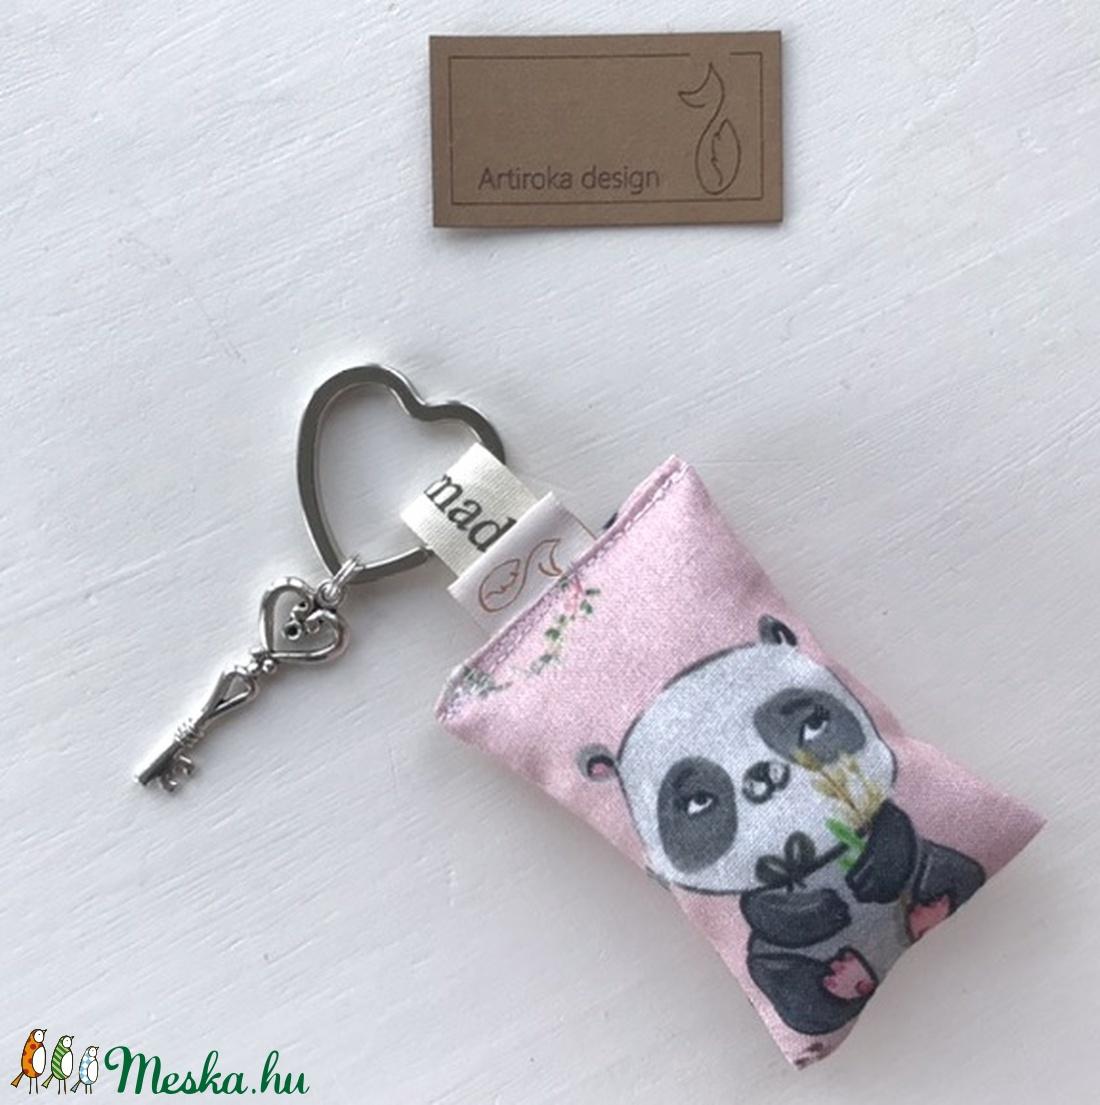 AKCIÓ - Panda maci mintás, szív alakú kulcstartón,  vintage kulcs dísszel - Artiroka design  - Meska.hu